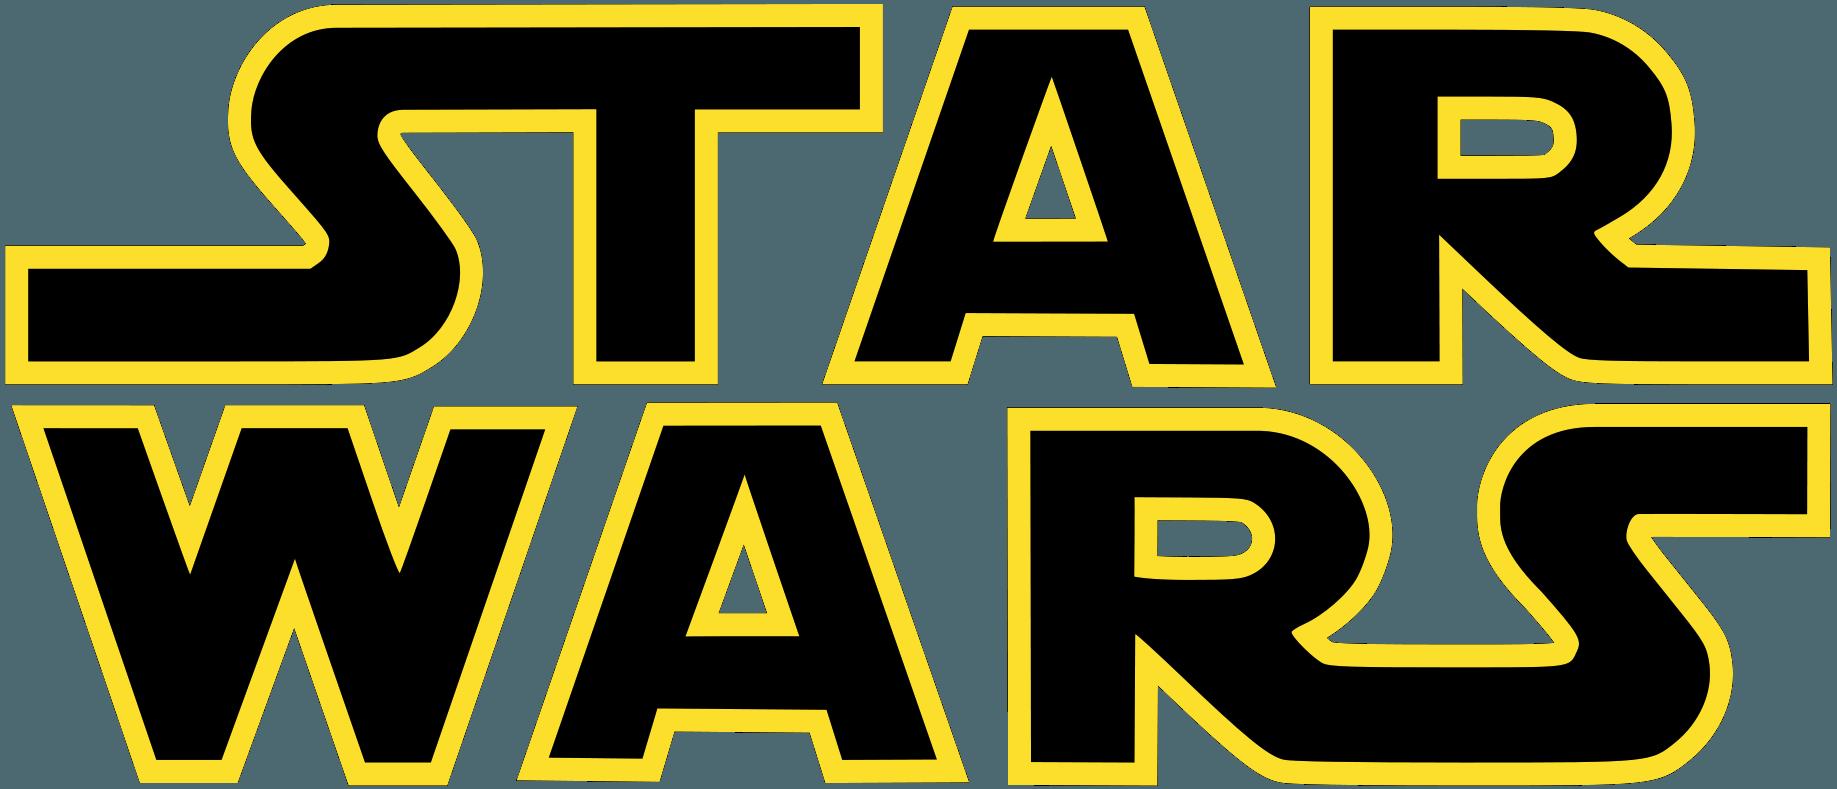 [Cinéma] Quel est votre Star Wars préféré? MSjF3lW